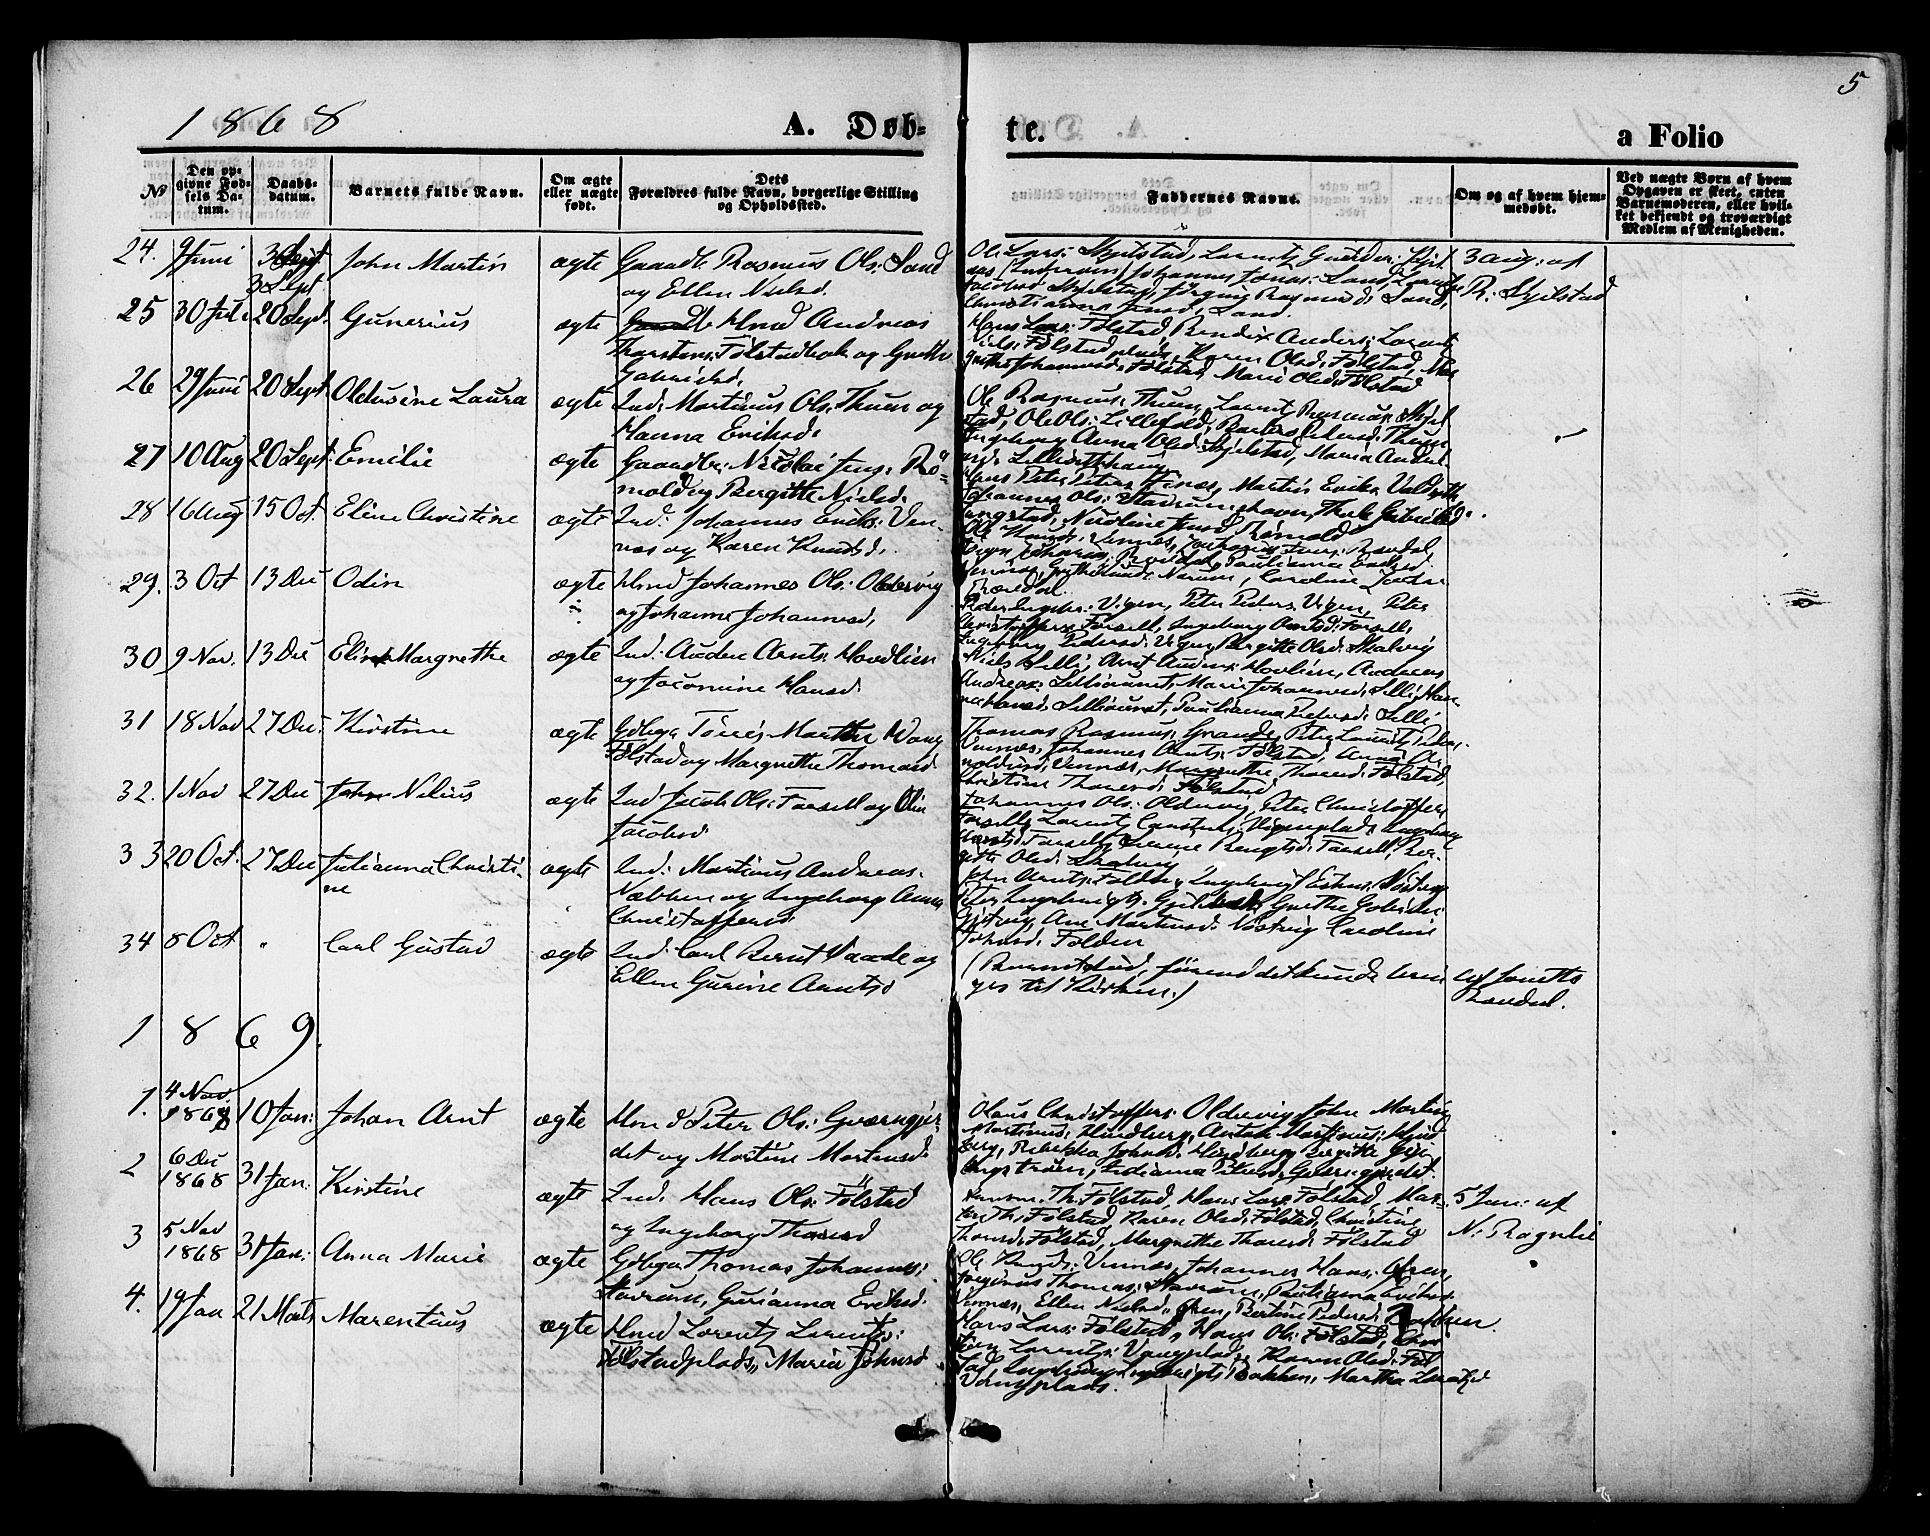 SAT, Ministerialprotokoller, klokkerbøker og fødselsregistre - Nord-Trøndelag, 744/L0419: Ministerialbok nr. 744A03, 1867-1881, s. 5